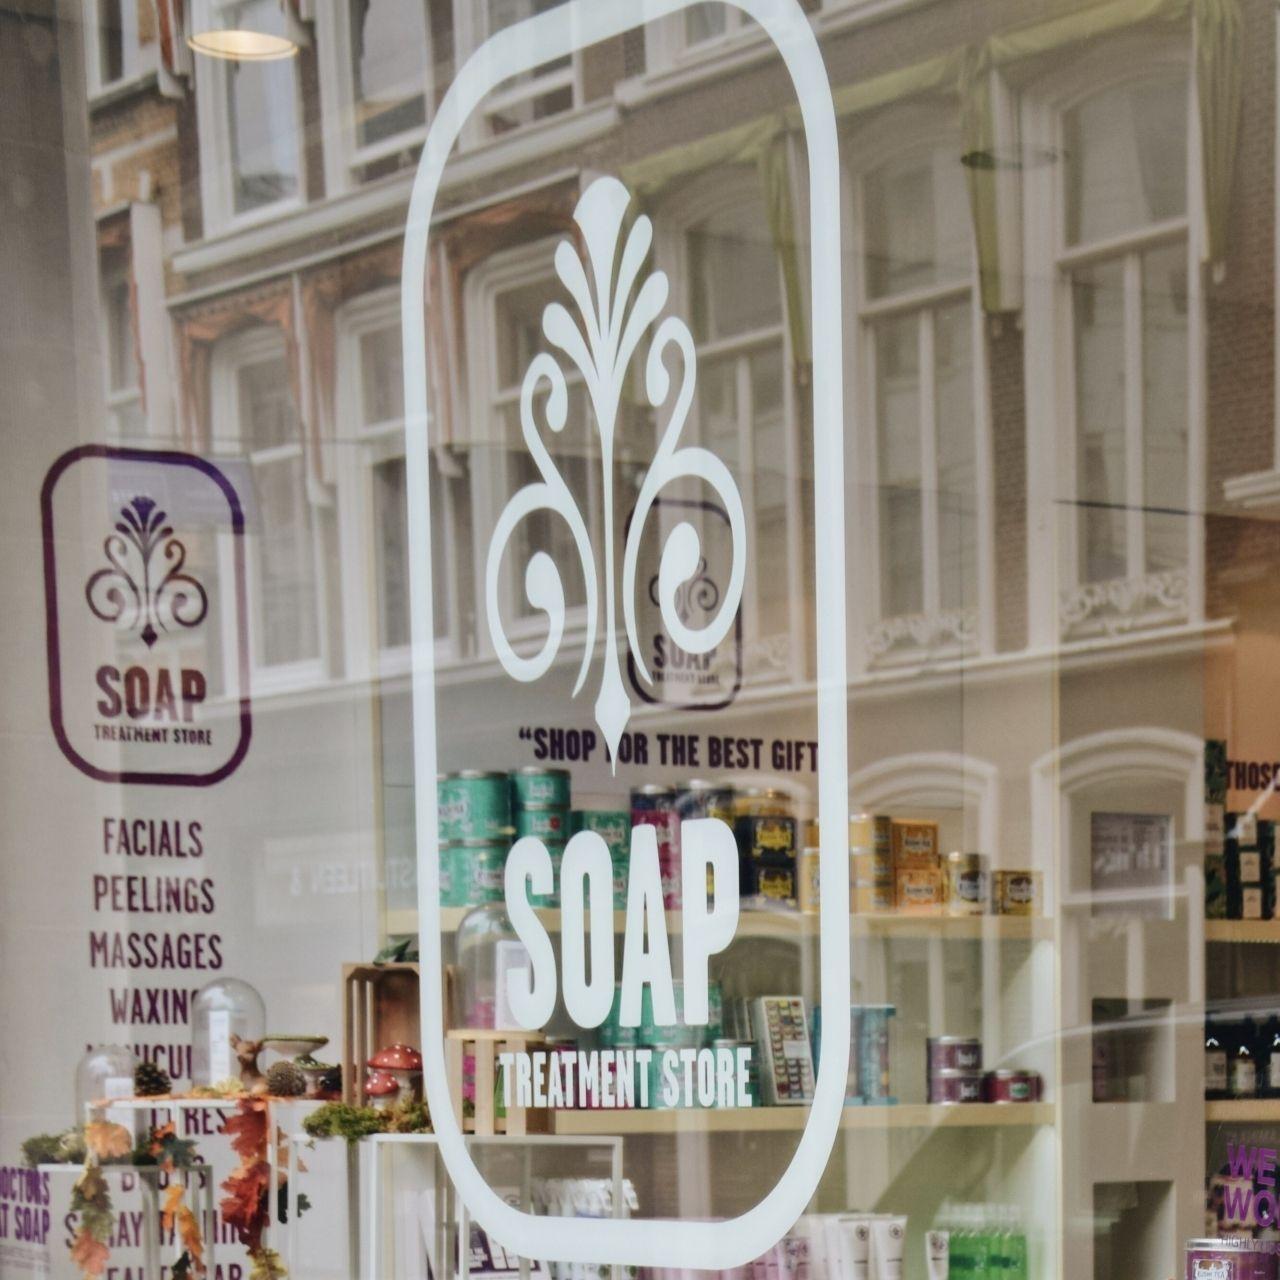 Meijer litjens soap company beauty shop